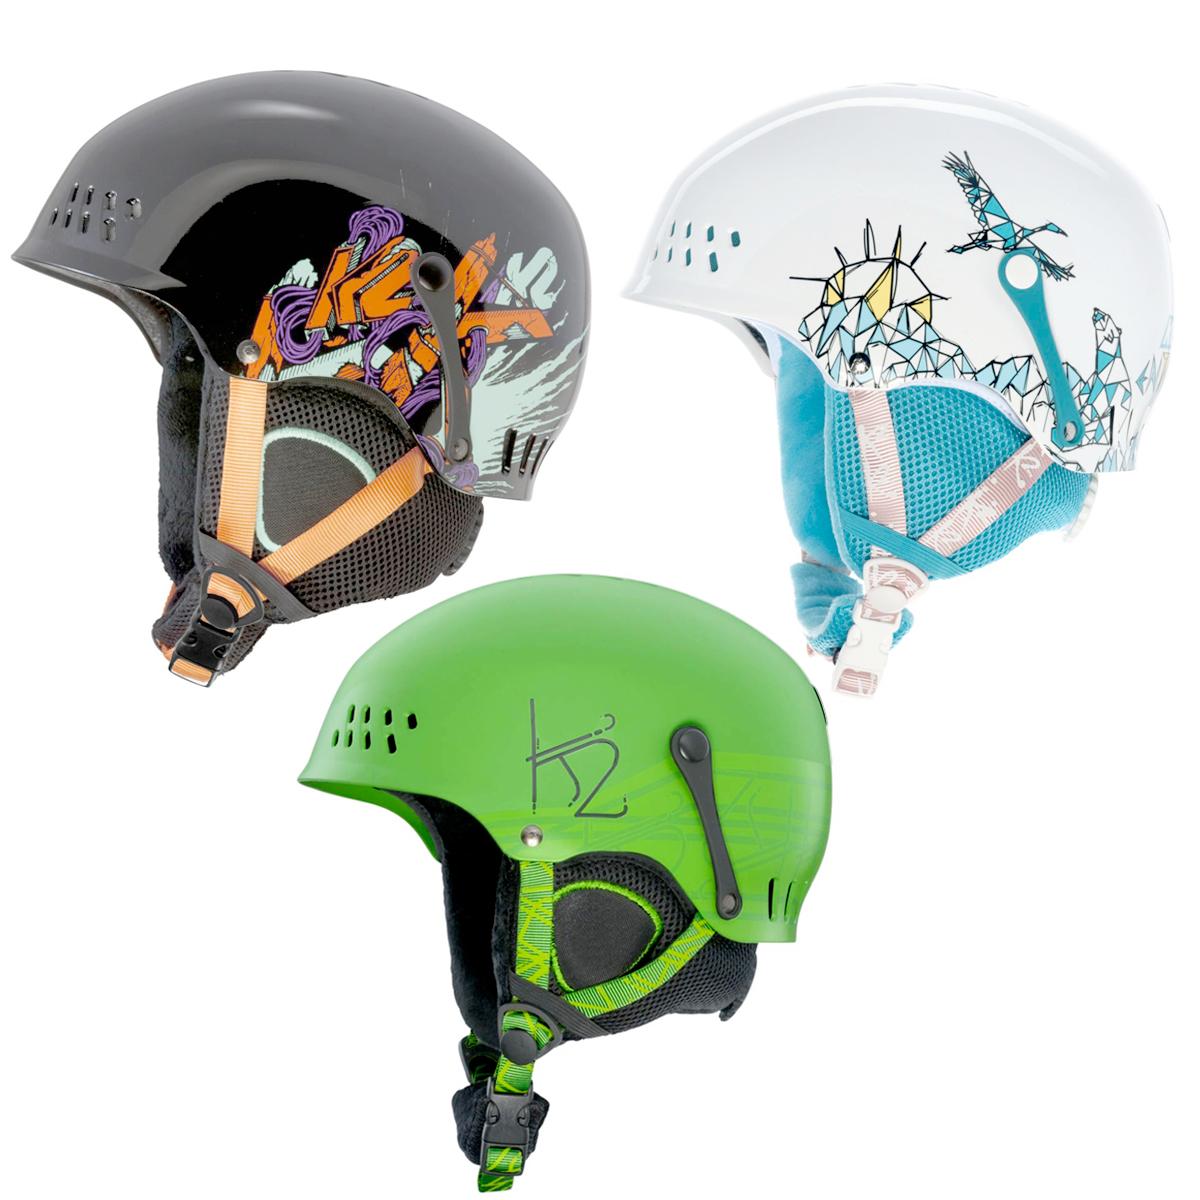 5dce0ee31ad2 K2 Kids Helmet - Entity - Ski